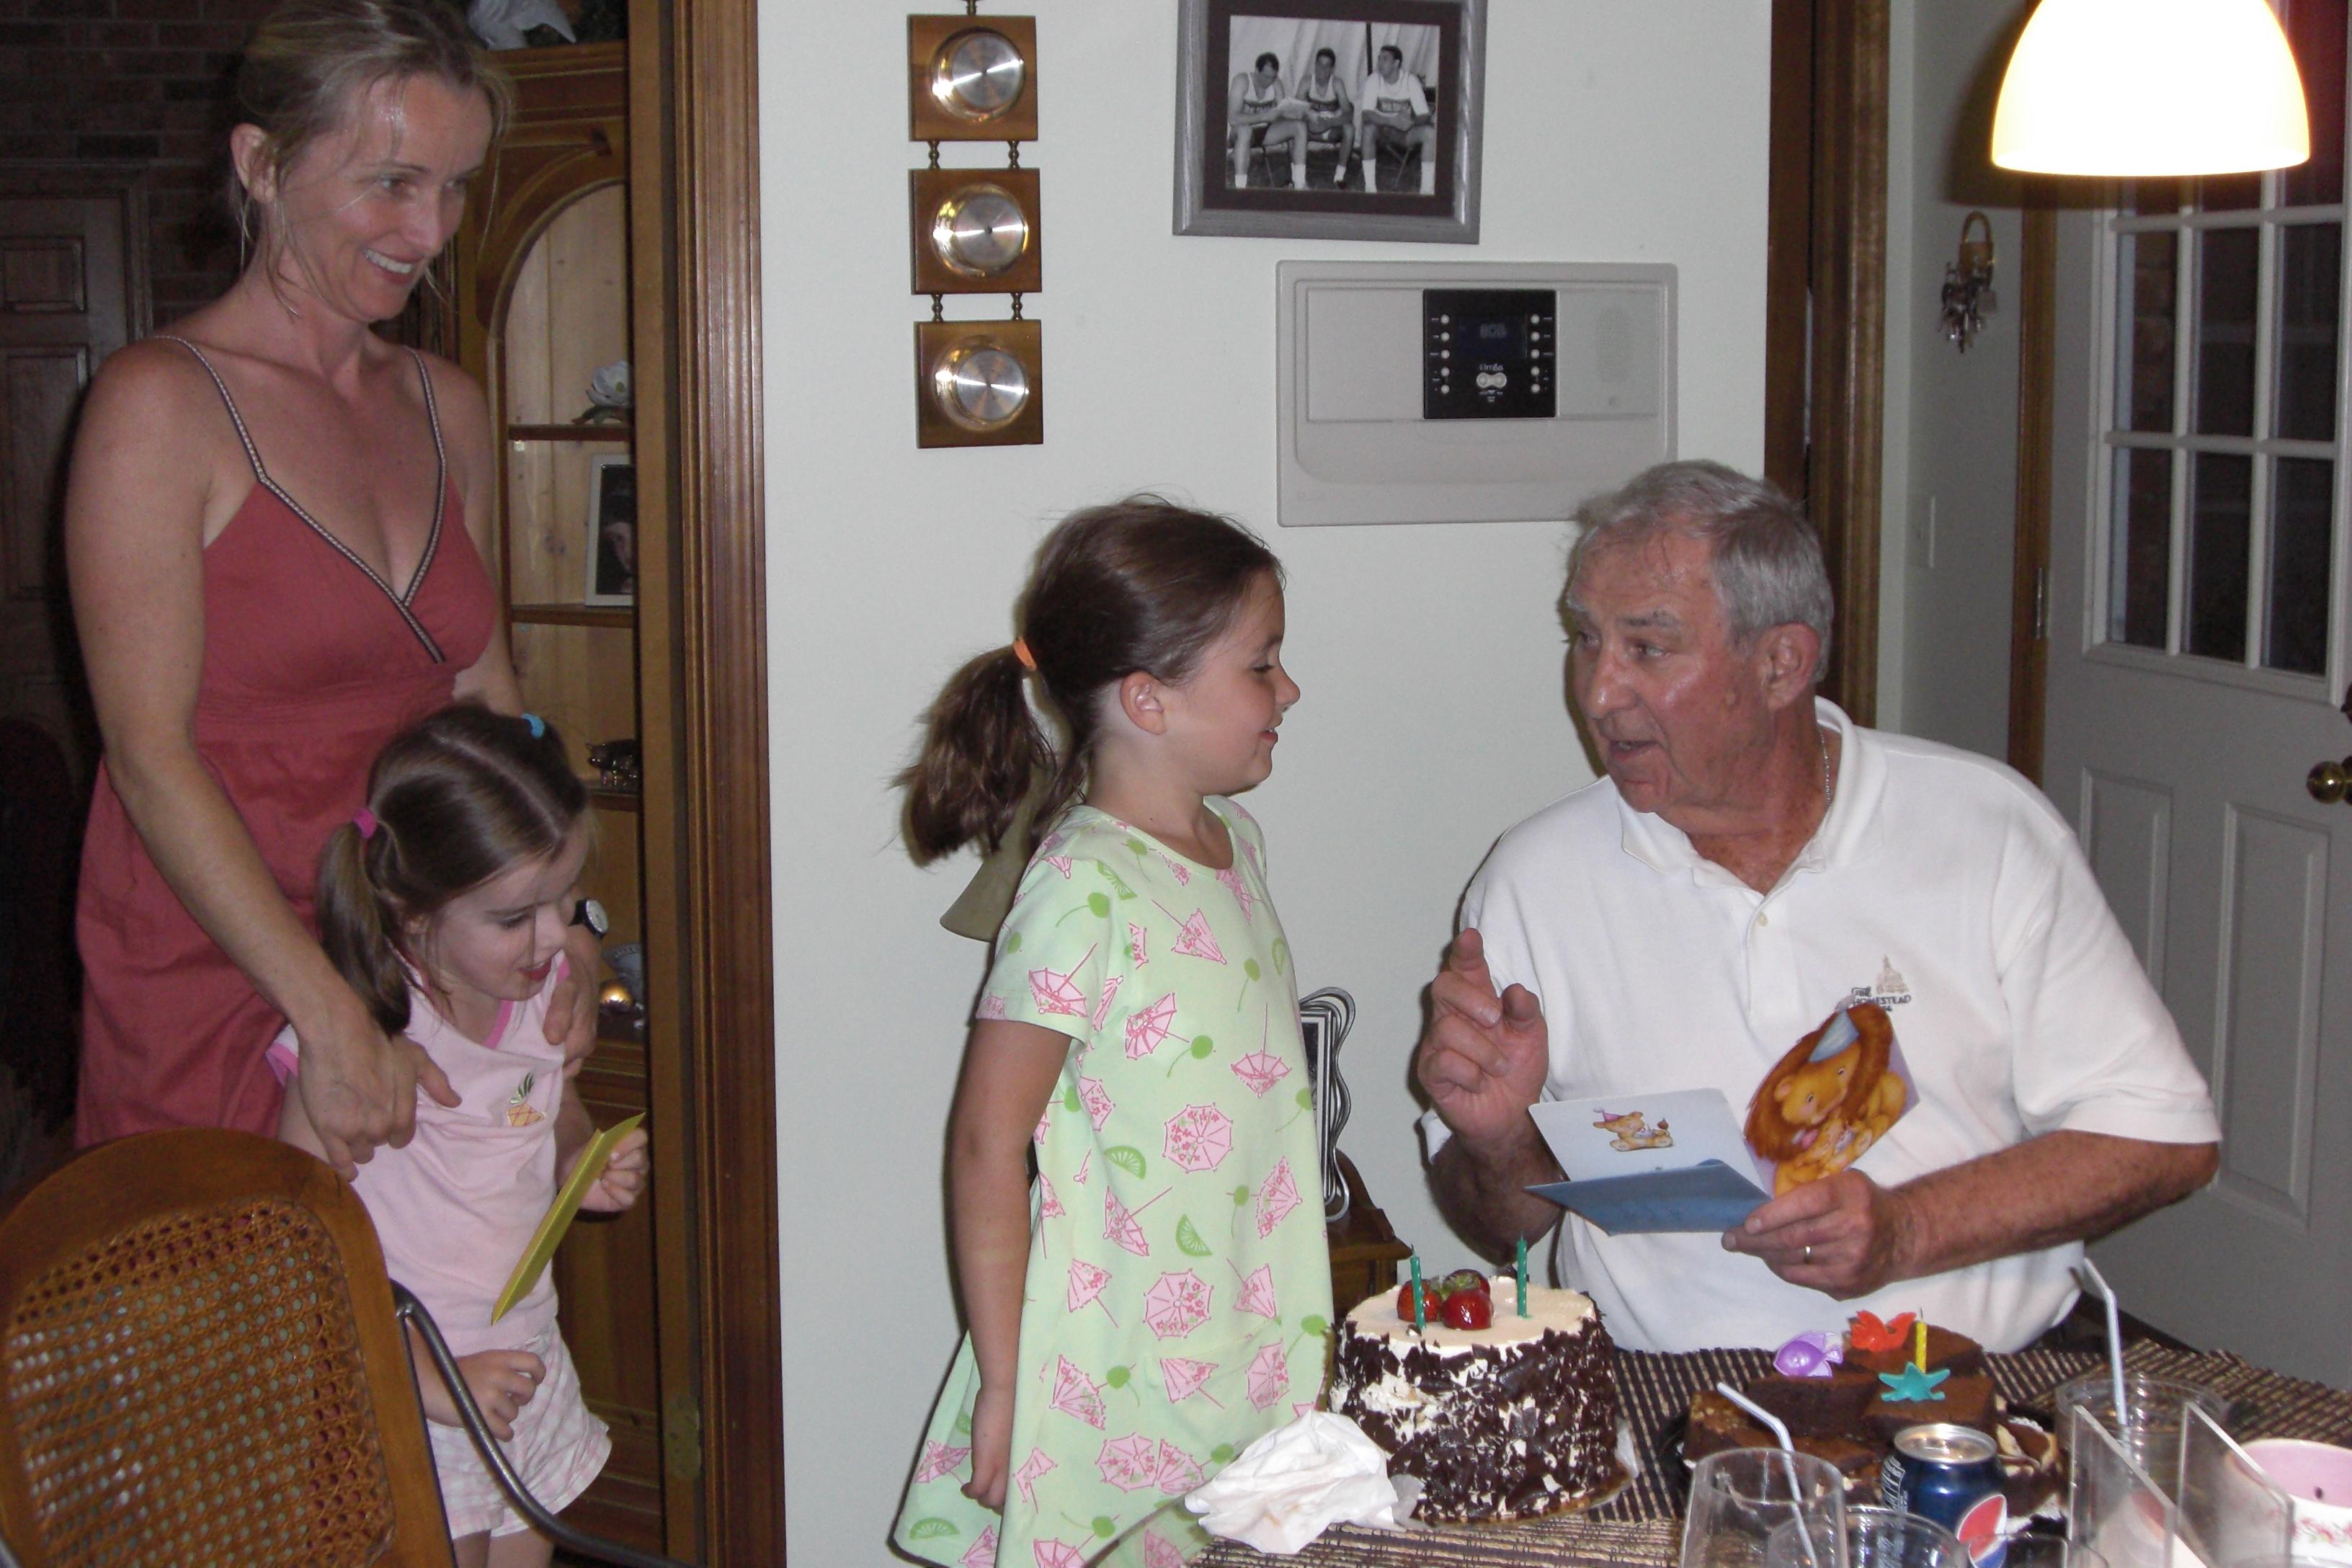 july 2, 2009